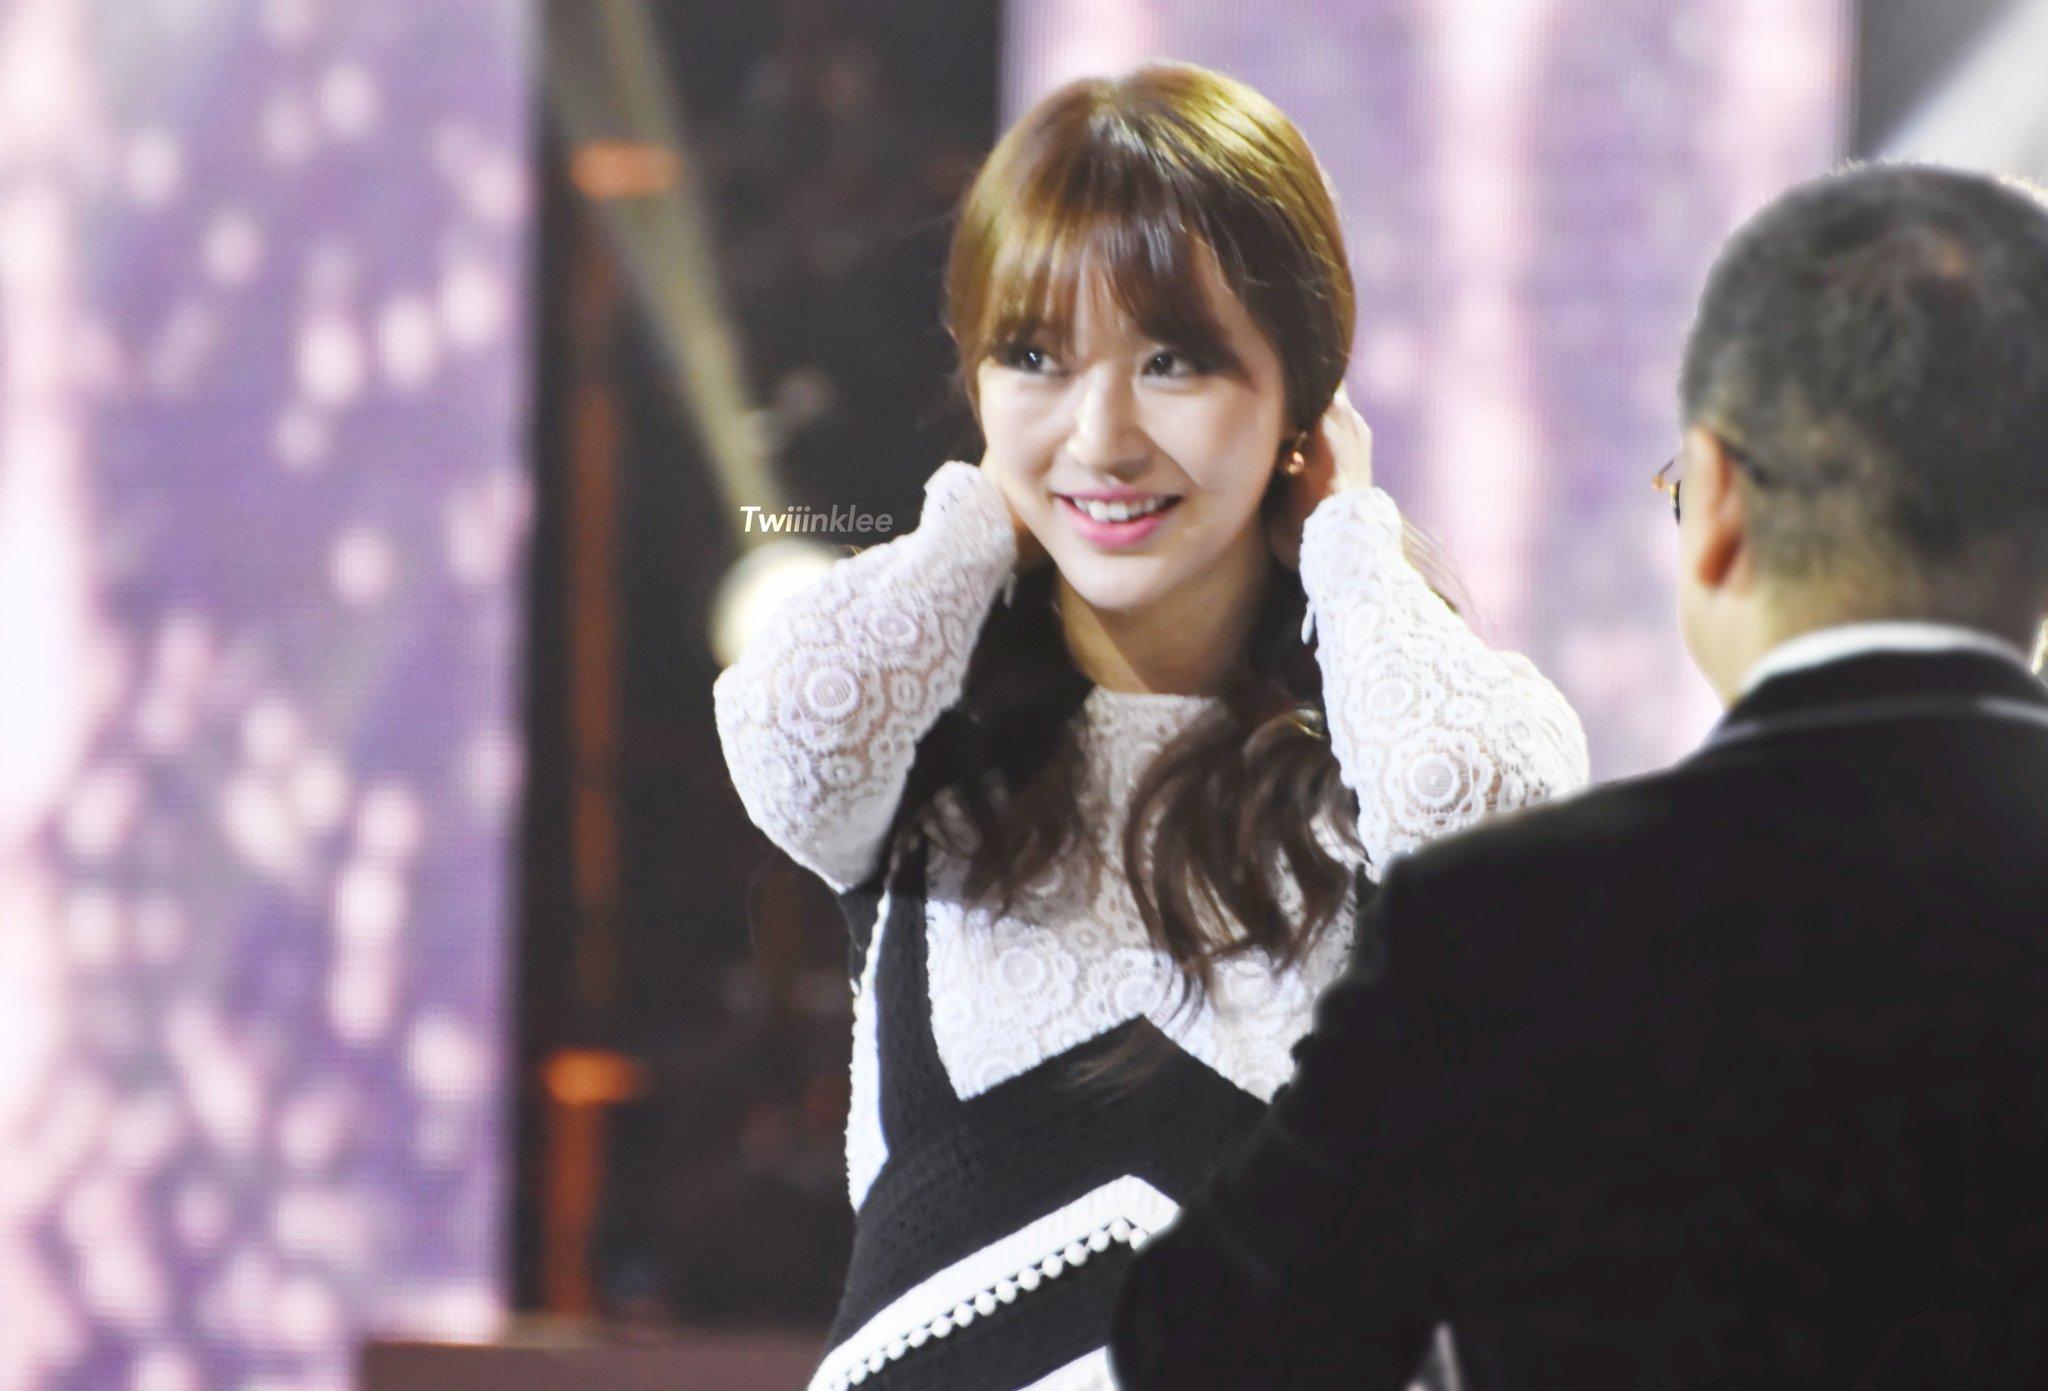 Hallyu Yoon Eun Hye on Twitter: Yoon Eun Hye 윤은혜 wins the